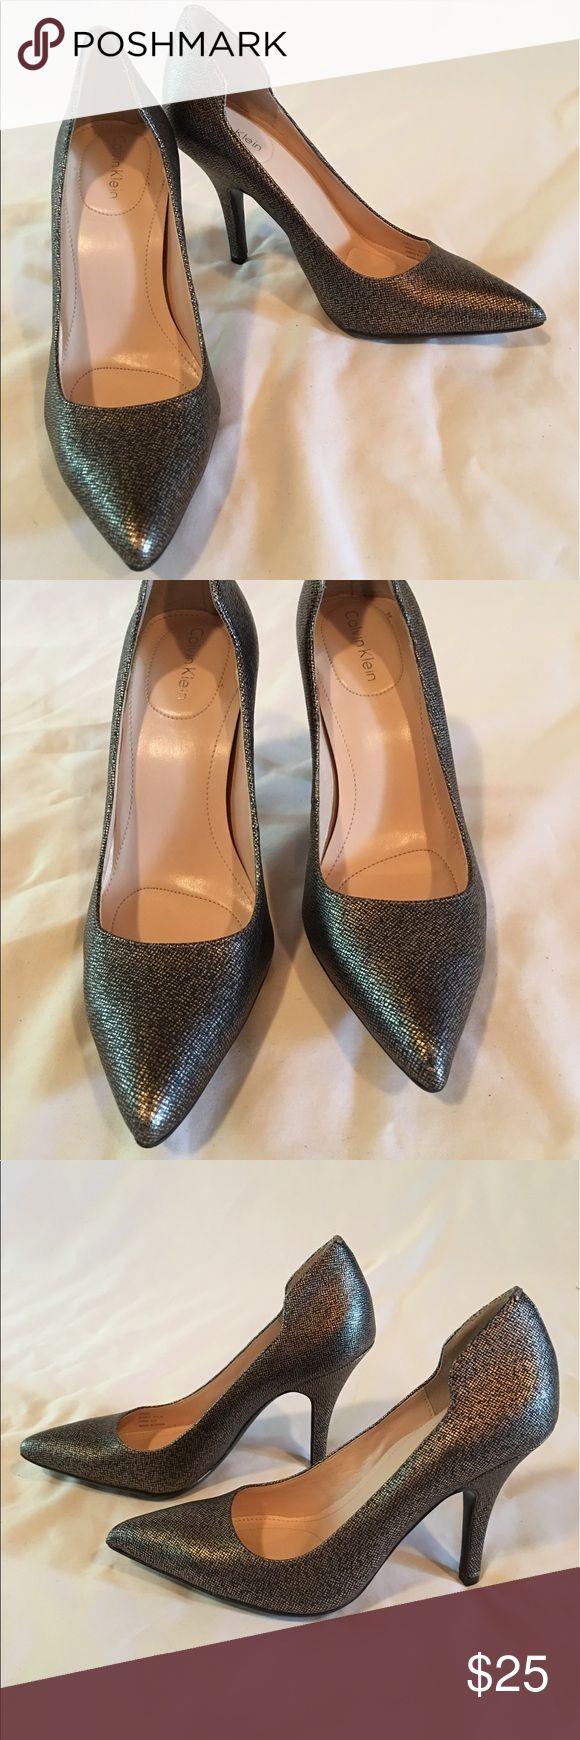 Calvin Klein Pumps Heels Size 5.5 Calvin Klein Pumps Heels Size 5.5 Calvin Klein Shoes Heels